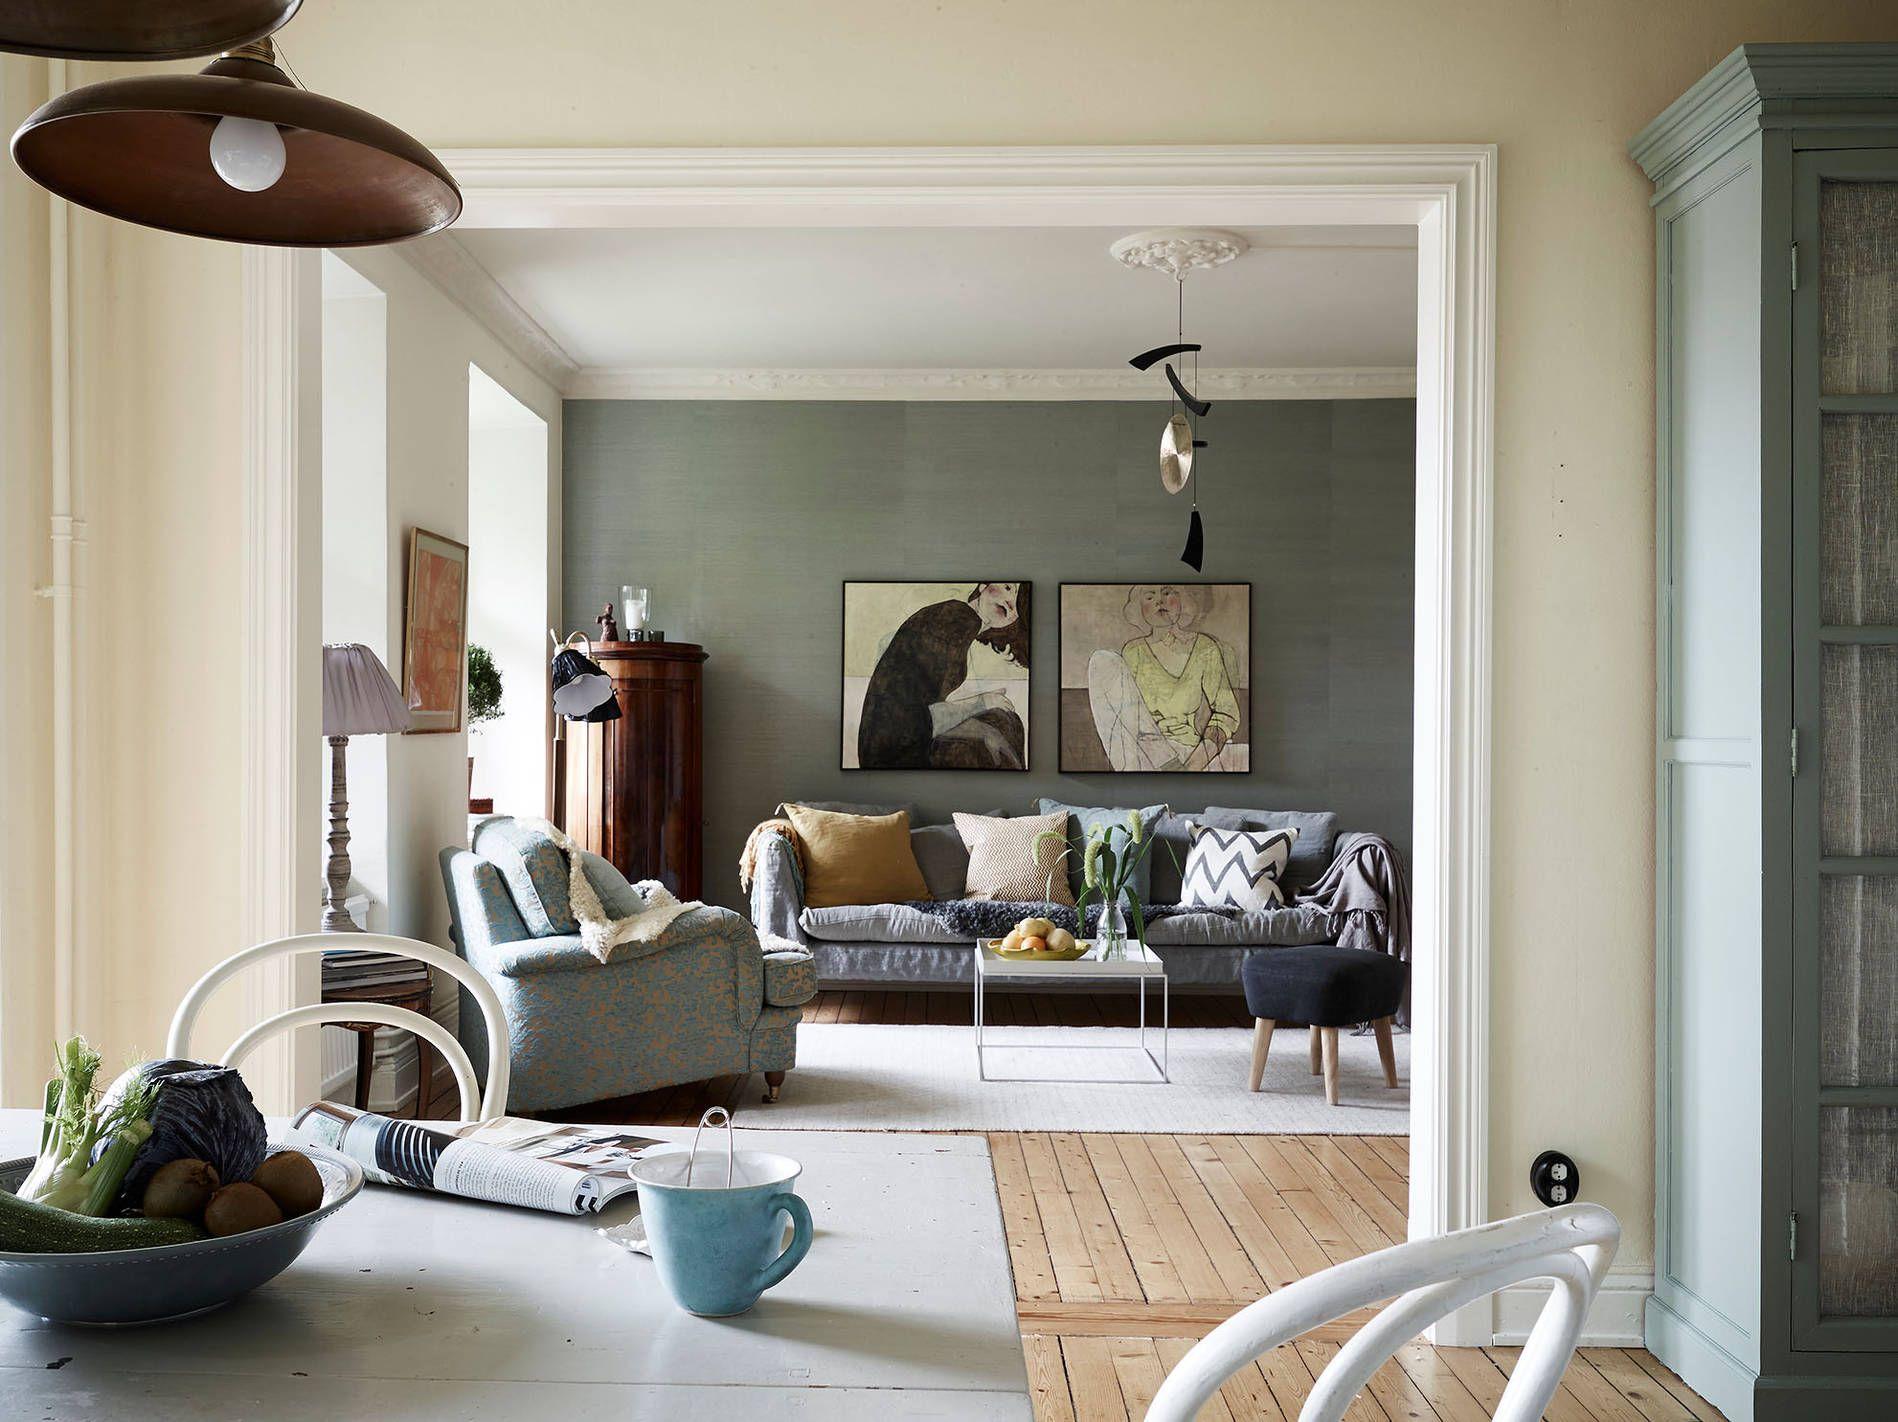 Eine Wohnung kunstvoll inszeniert | Lilaliv | LeopoLD 2 | Pinterest ...